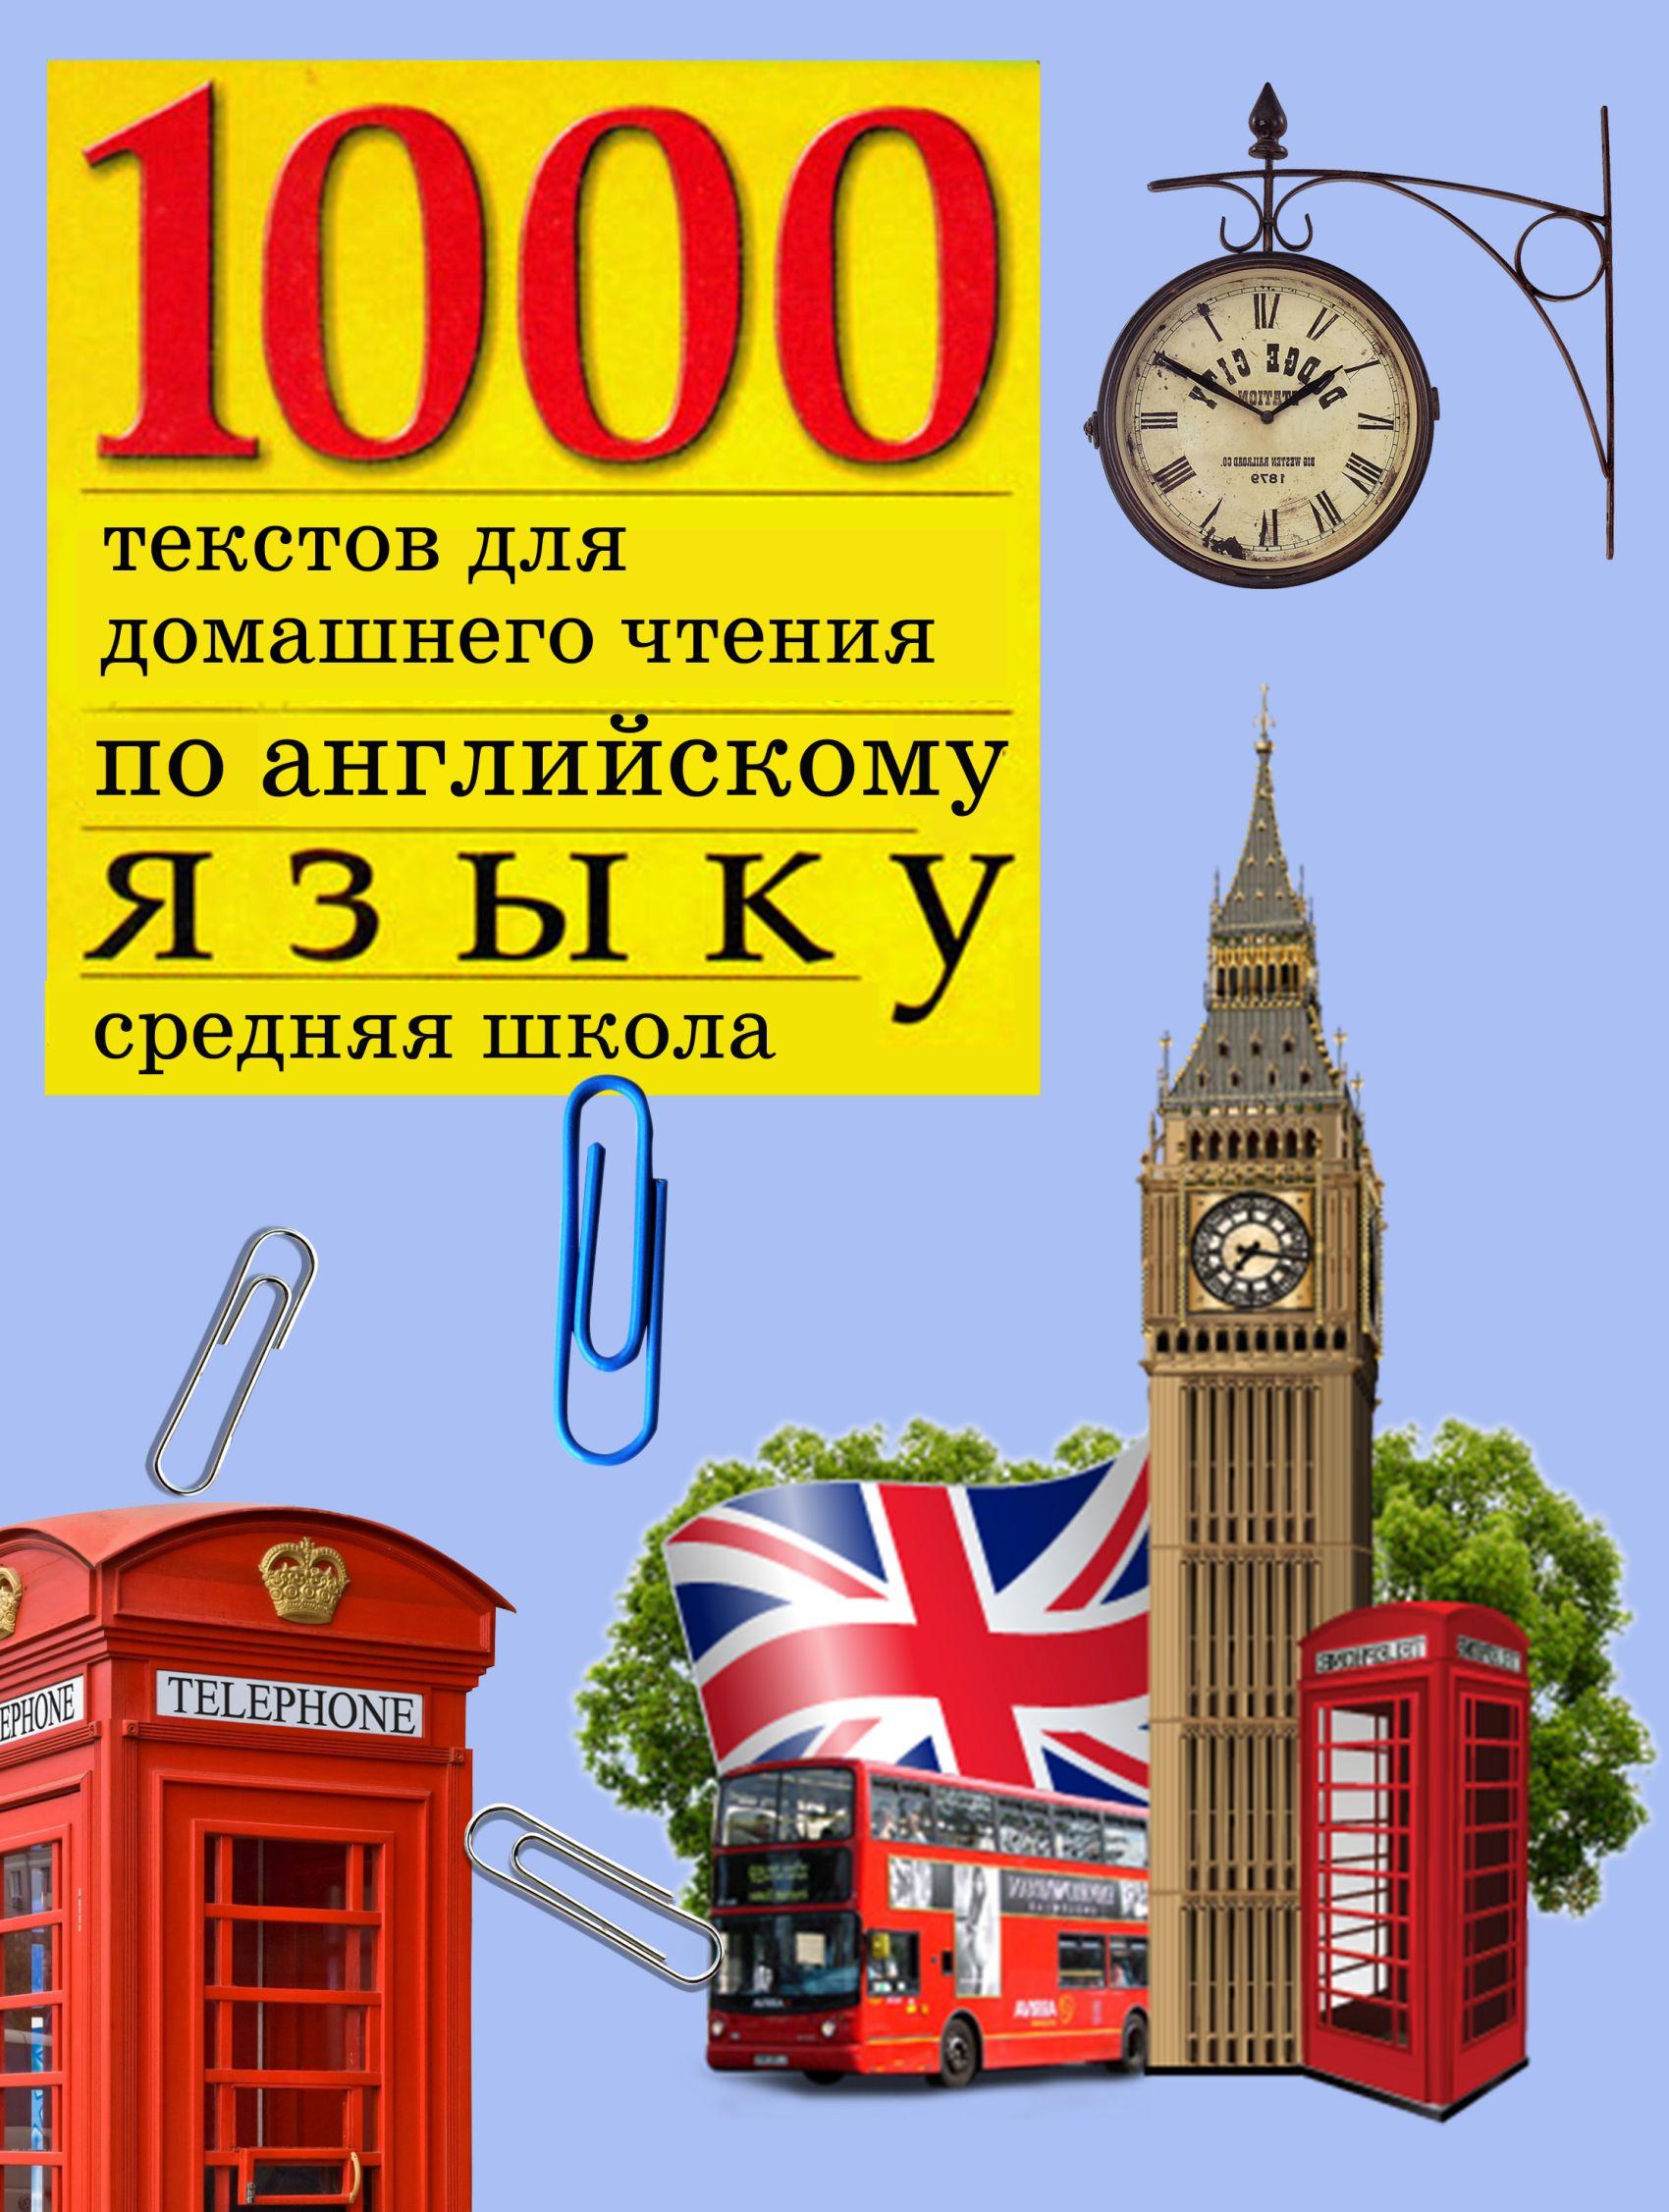 Купить книгу 1000 текстов для домашнего чтения по английскому языку (средняя школа), автора